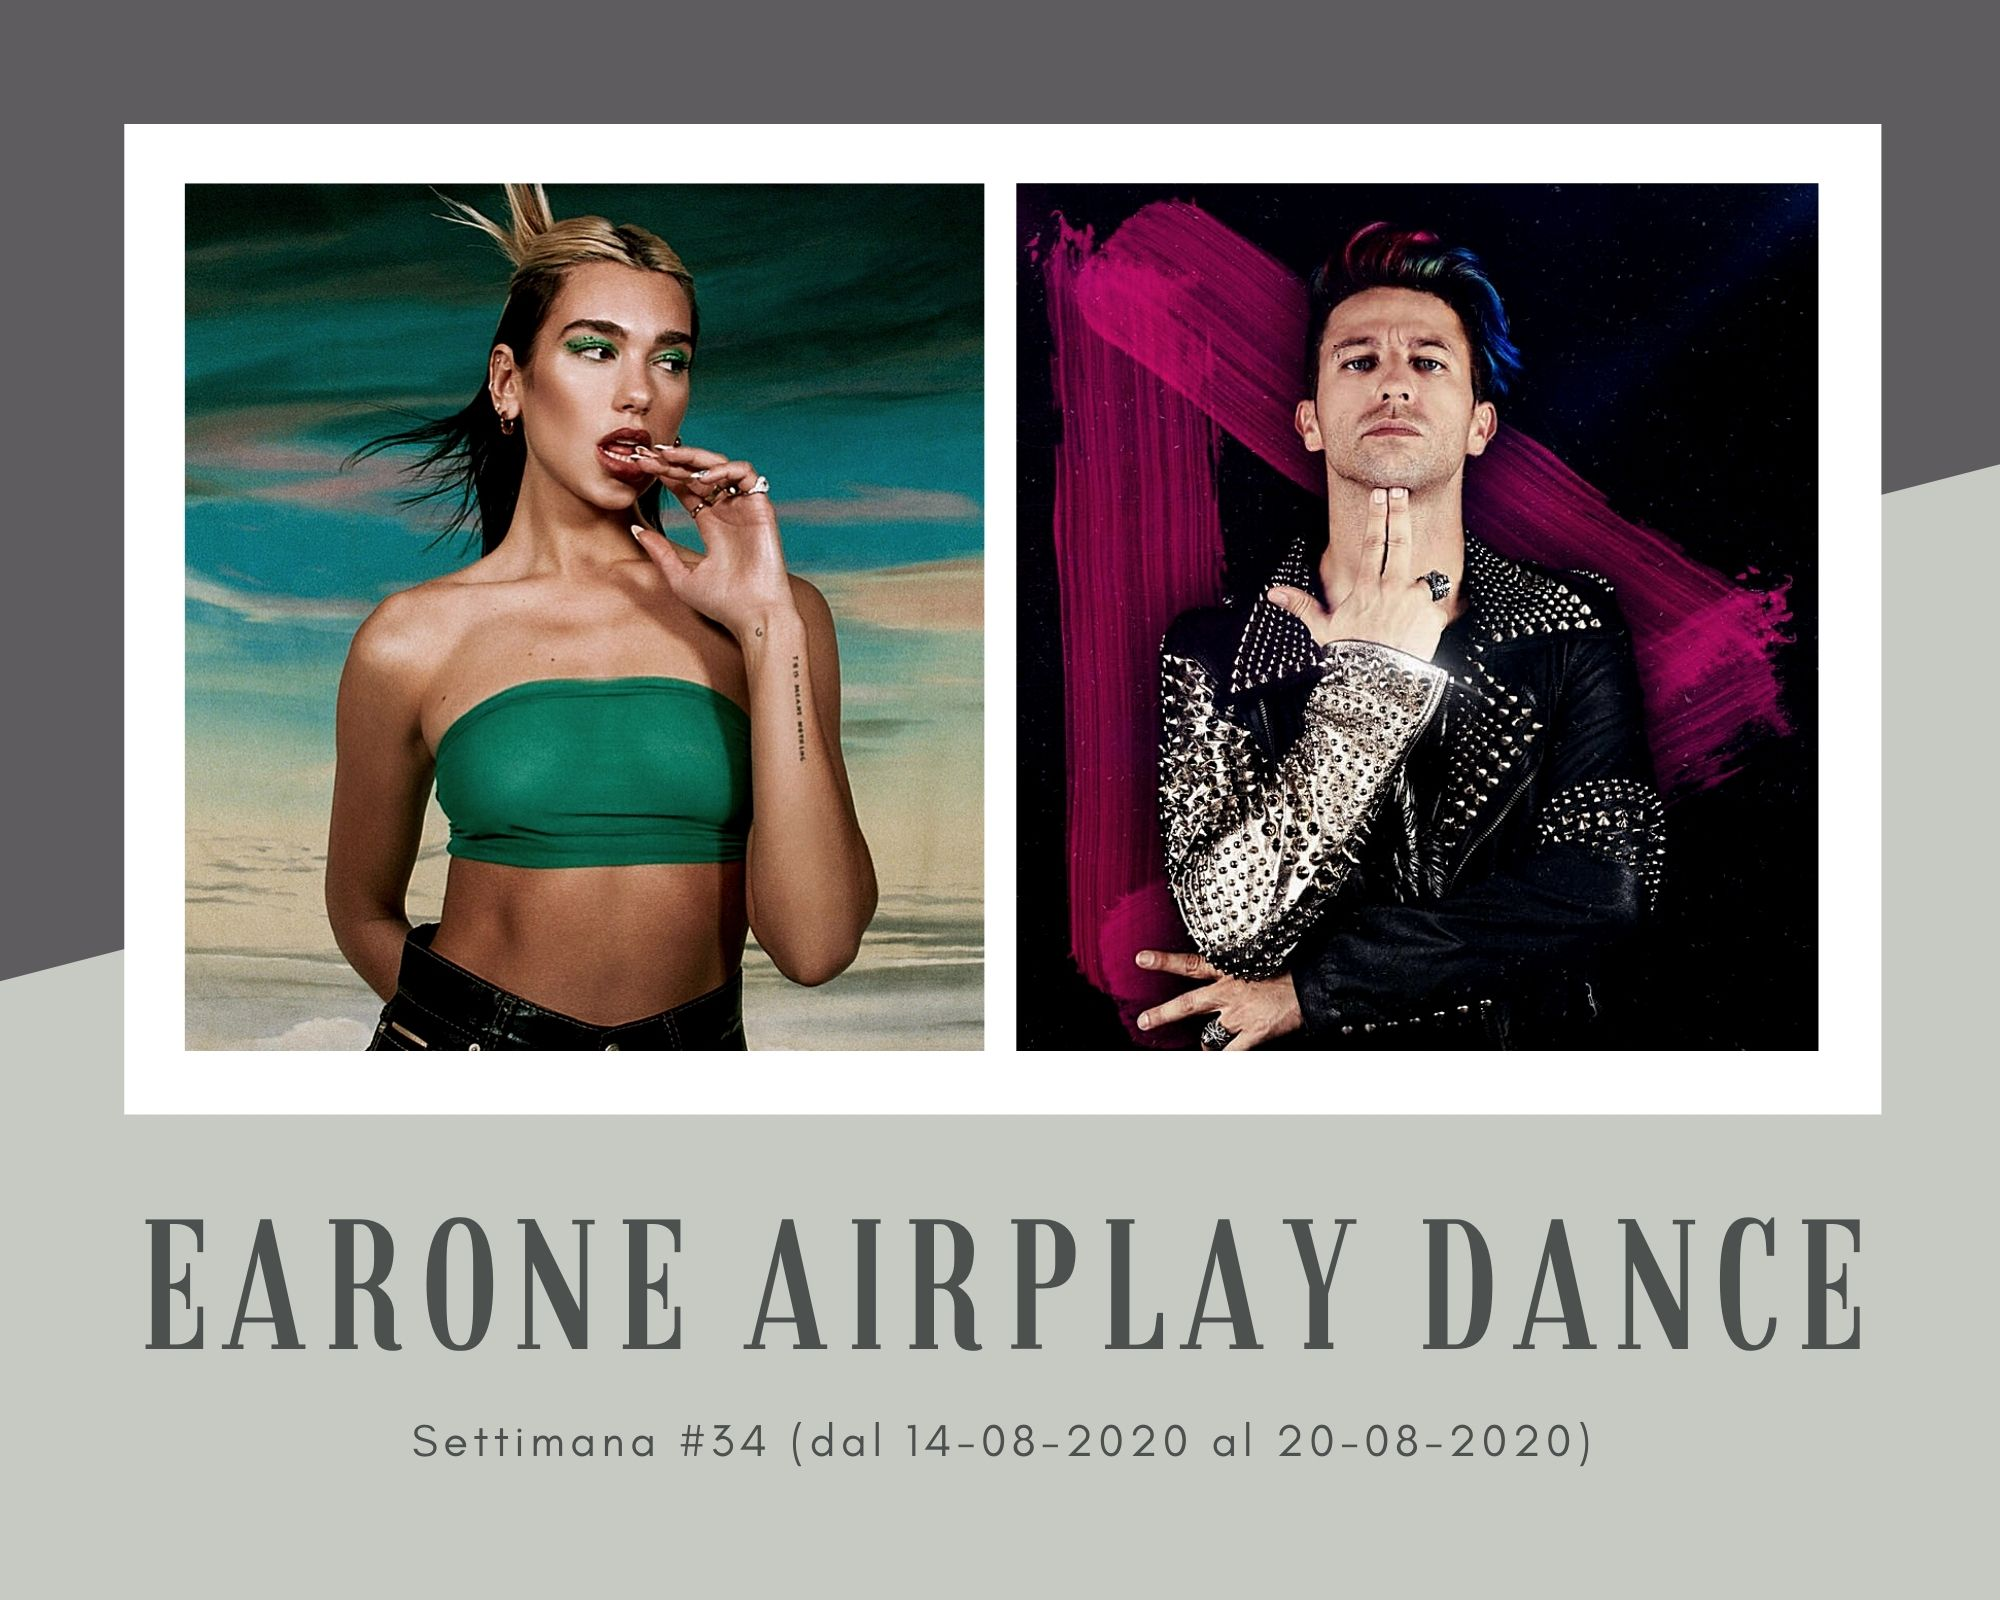 Classifica Radio EarOne Airplay Dance, week 34: Dua Lipa, Madonna e Missy Elliott sono la risposta al trio tricolore Danti, Raf e Fabio Rovazzi